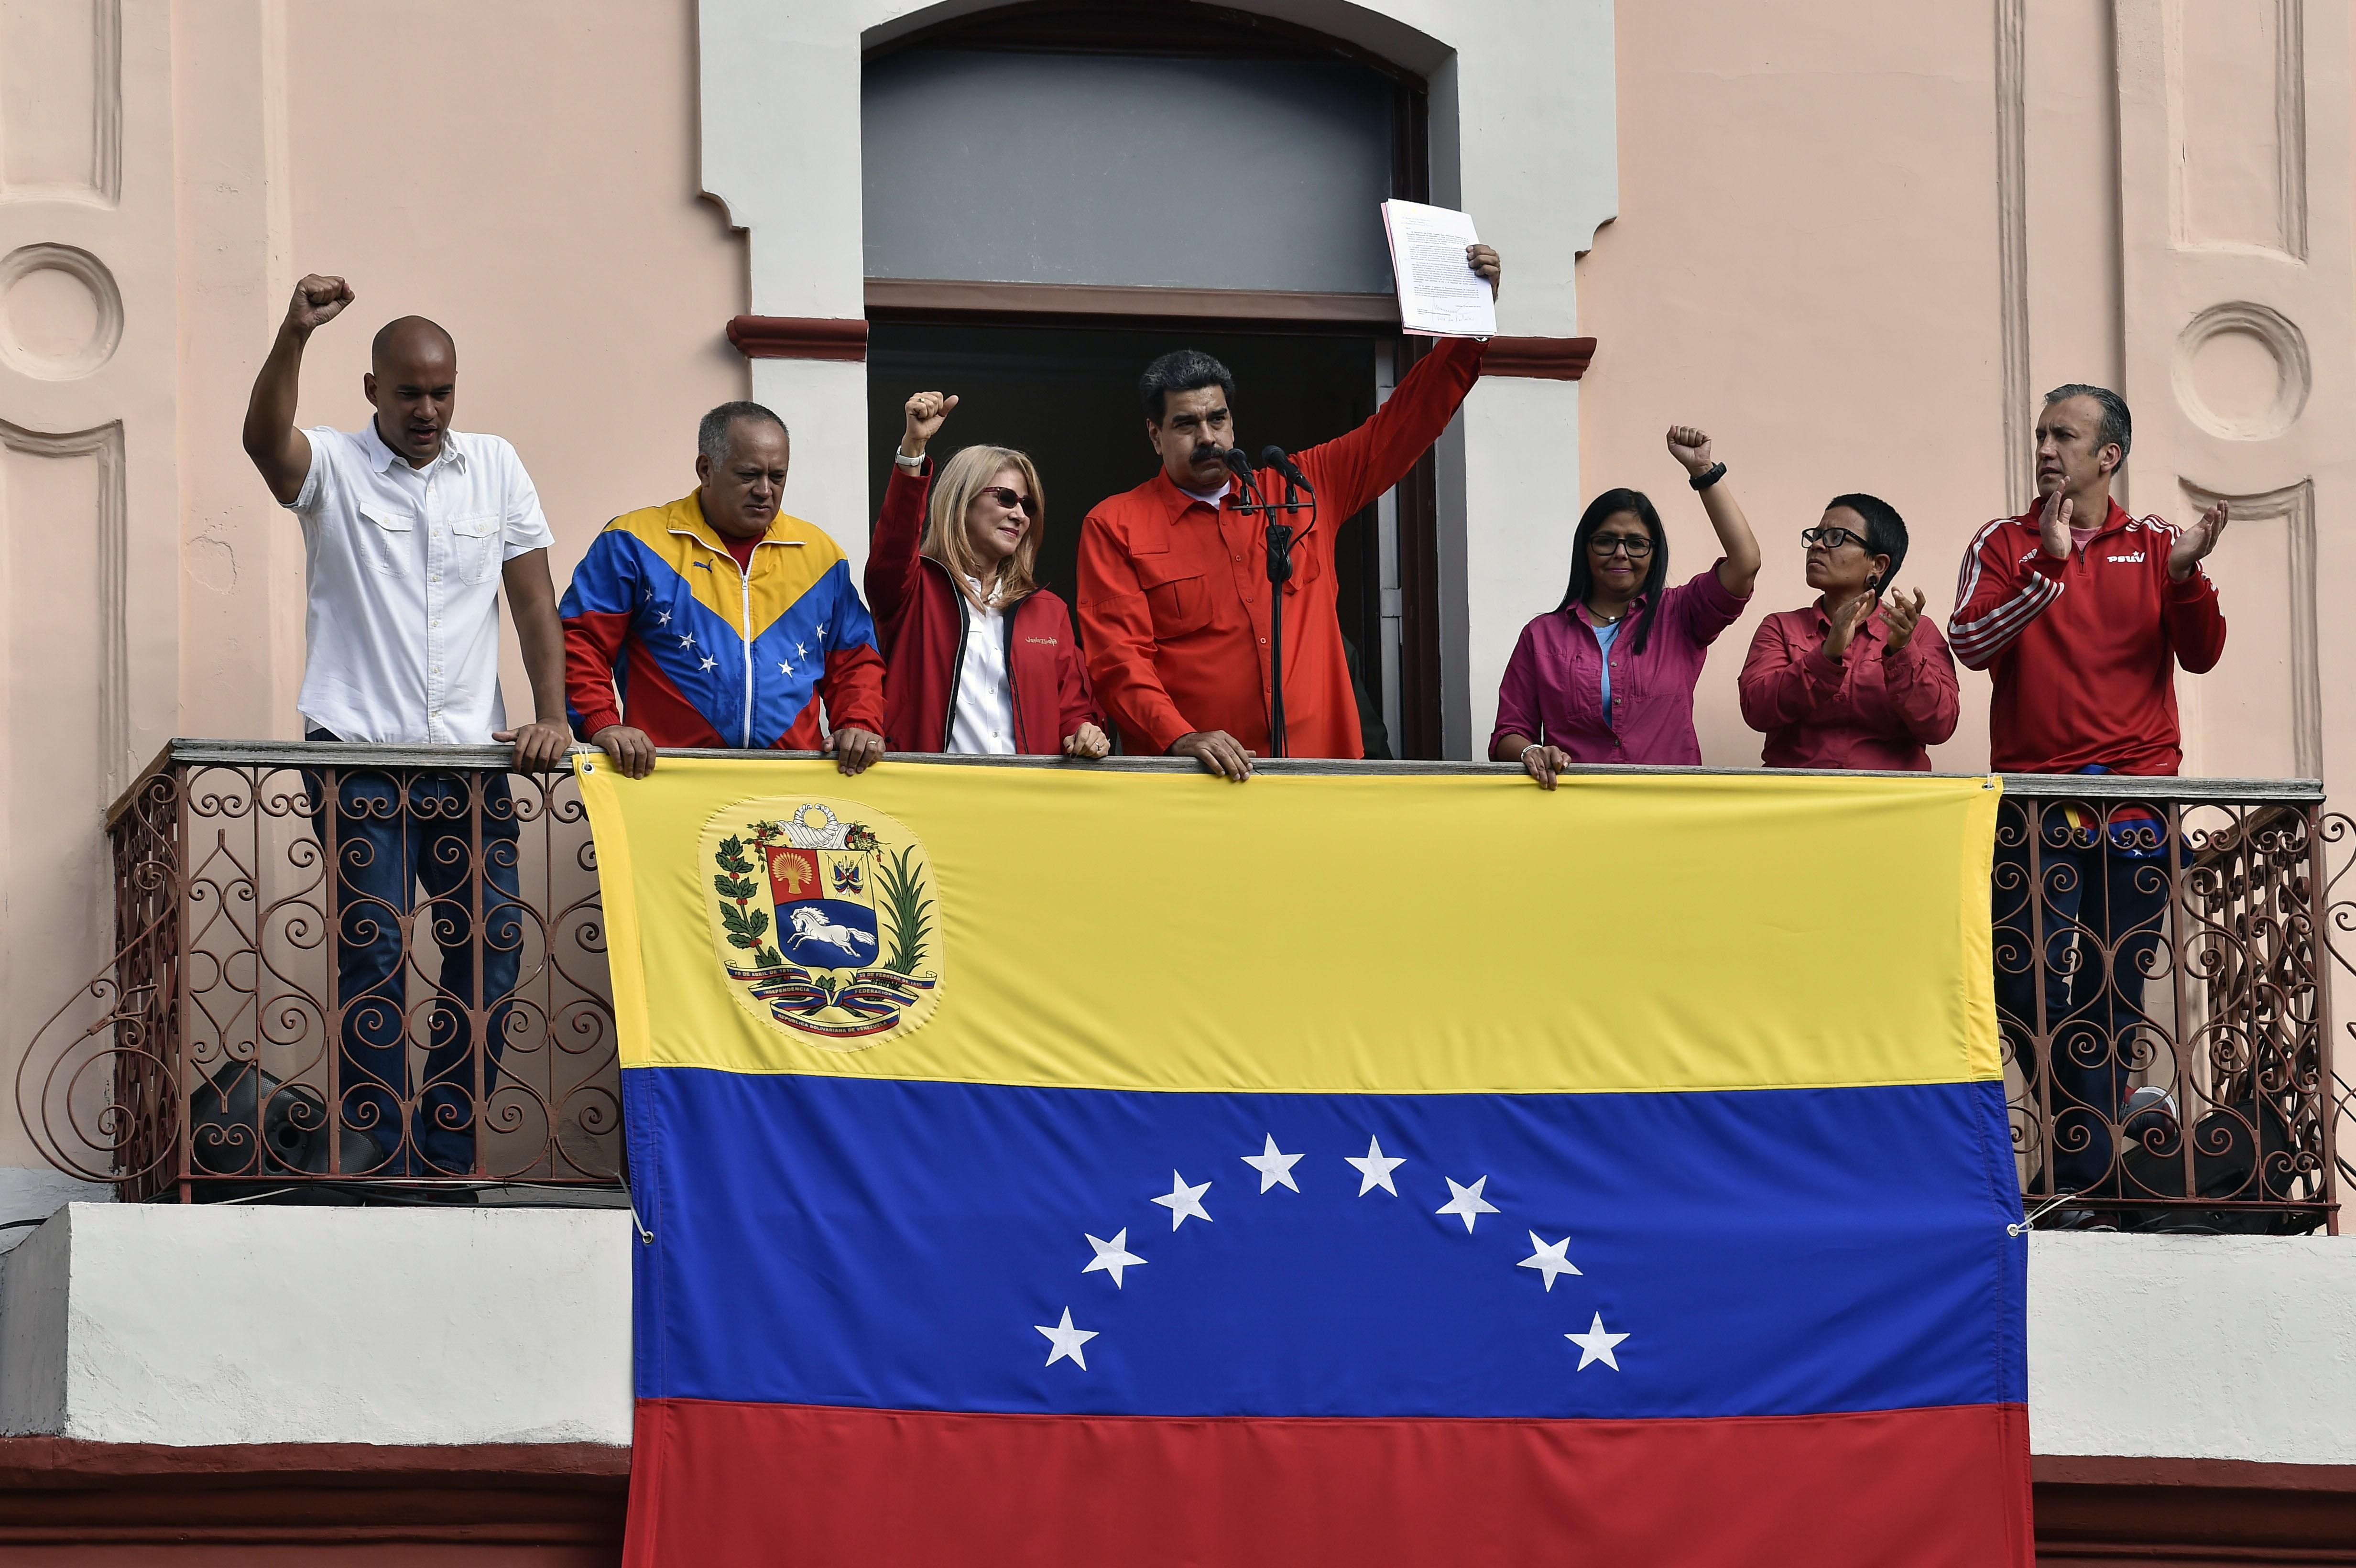 圖為1月23日委內瑞拉現任總統尼古拉斯·馬杜羅(Nicolas Maduro)出現在總統府的一個陽台上,對外發表演講,支持者甚少。(Luis ROBAYO / AFP/Getty Images)